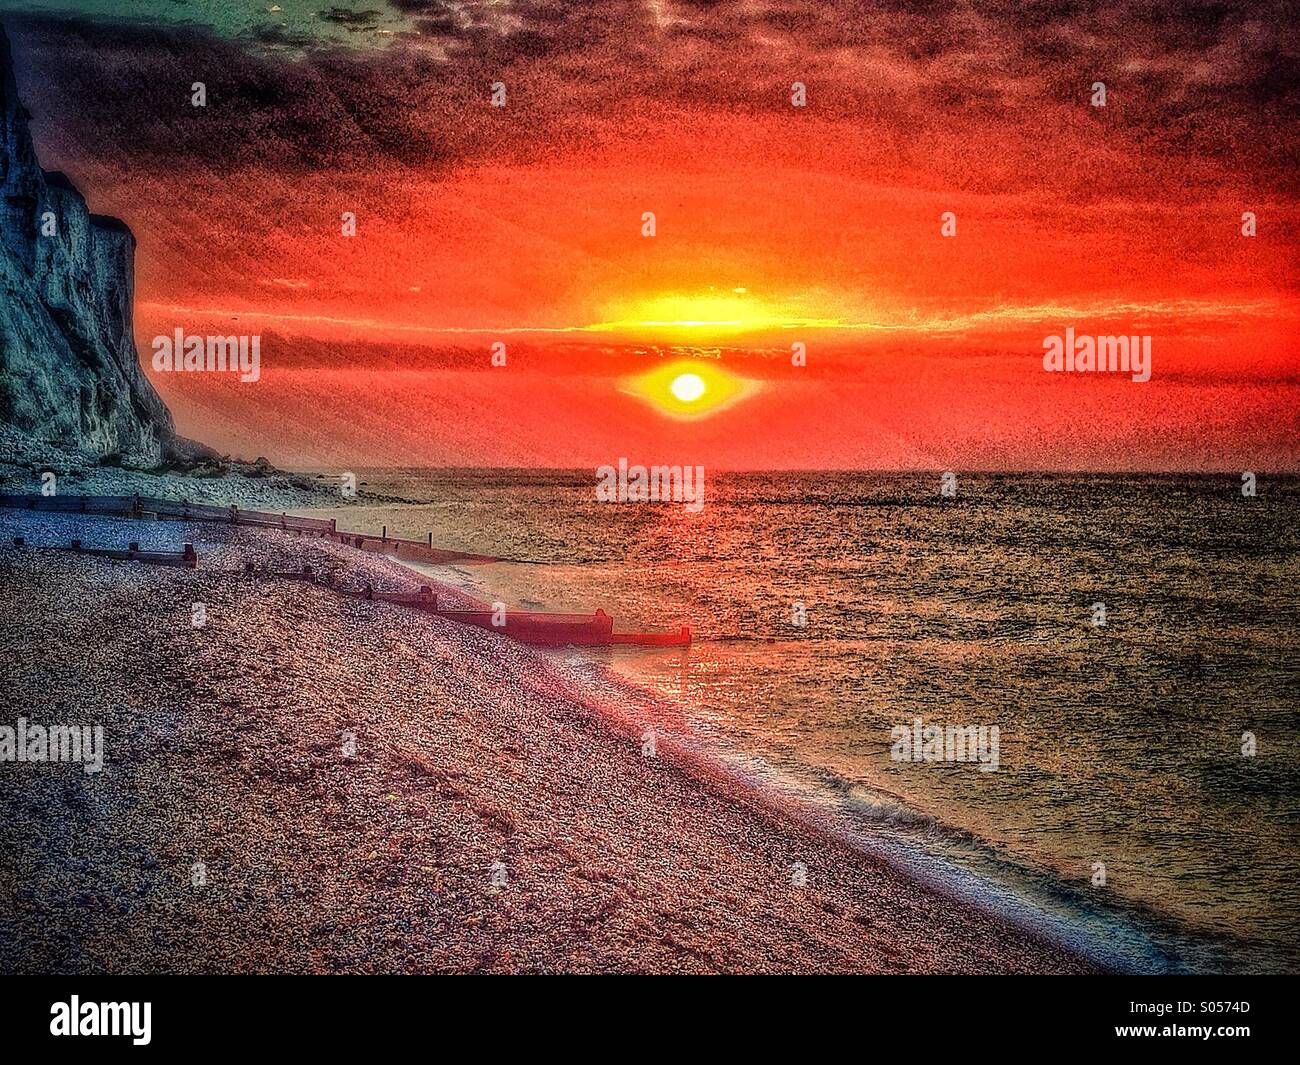 Surreal Landscape - Stock Image